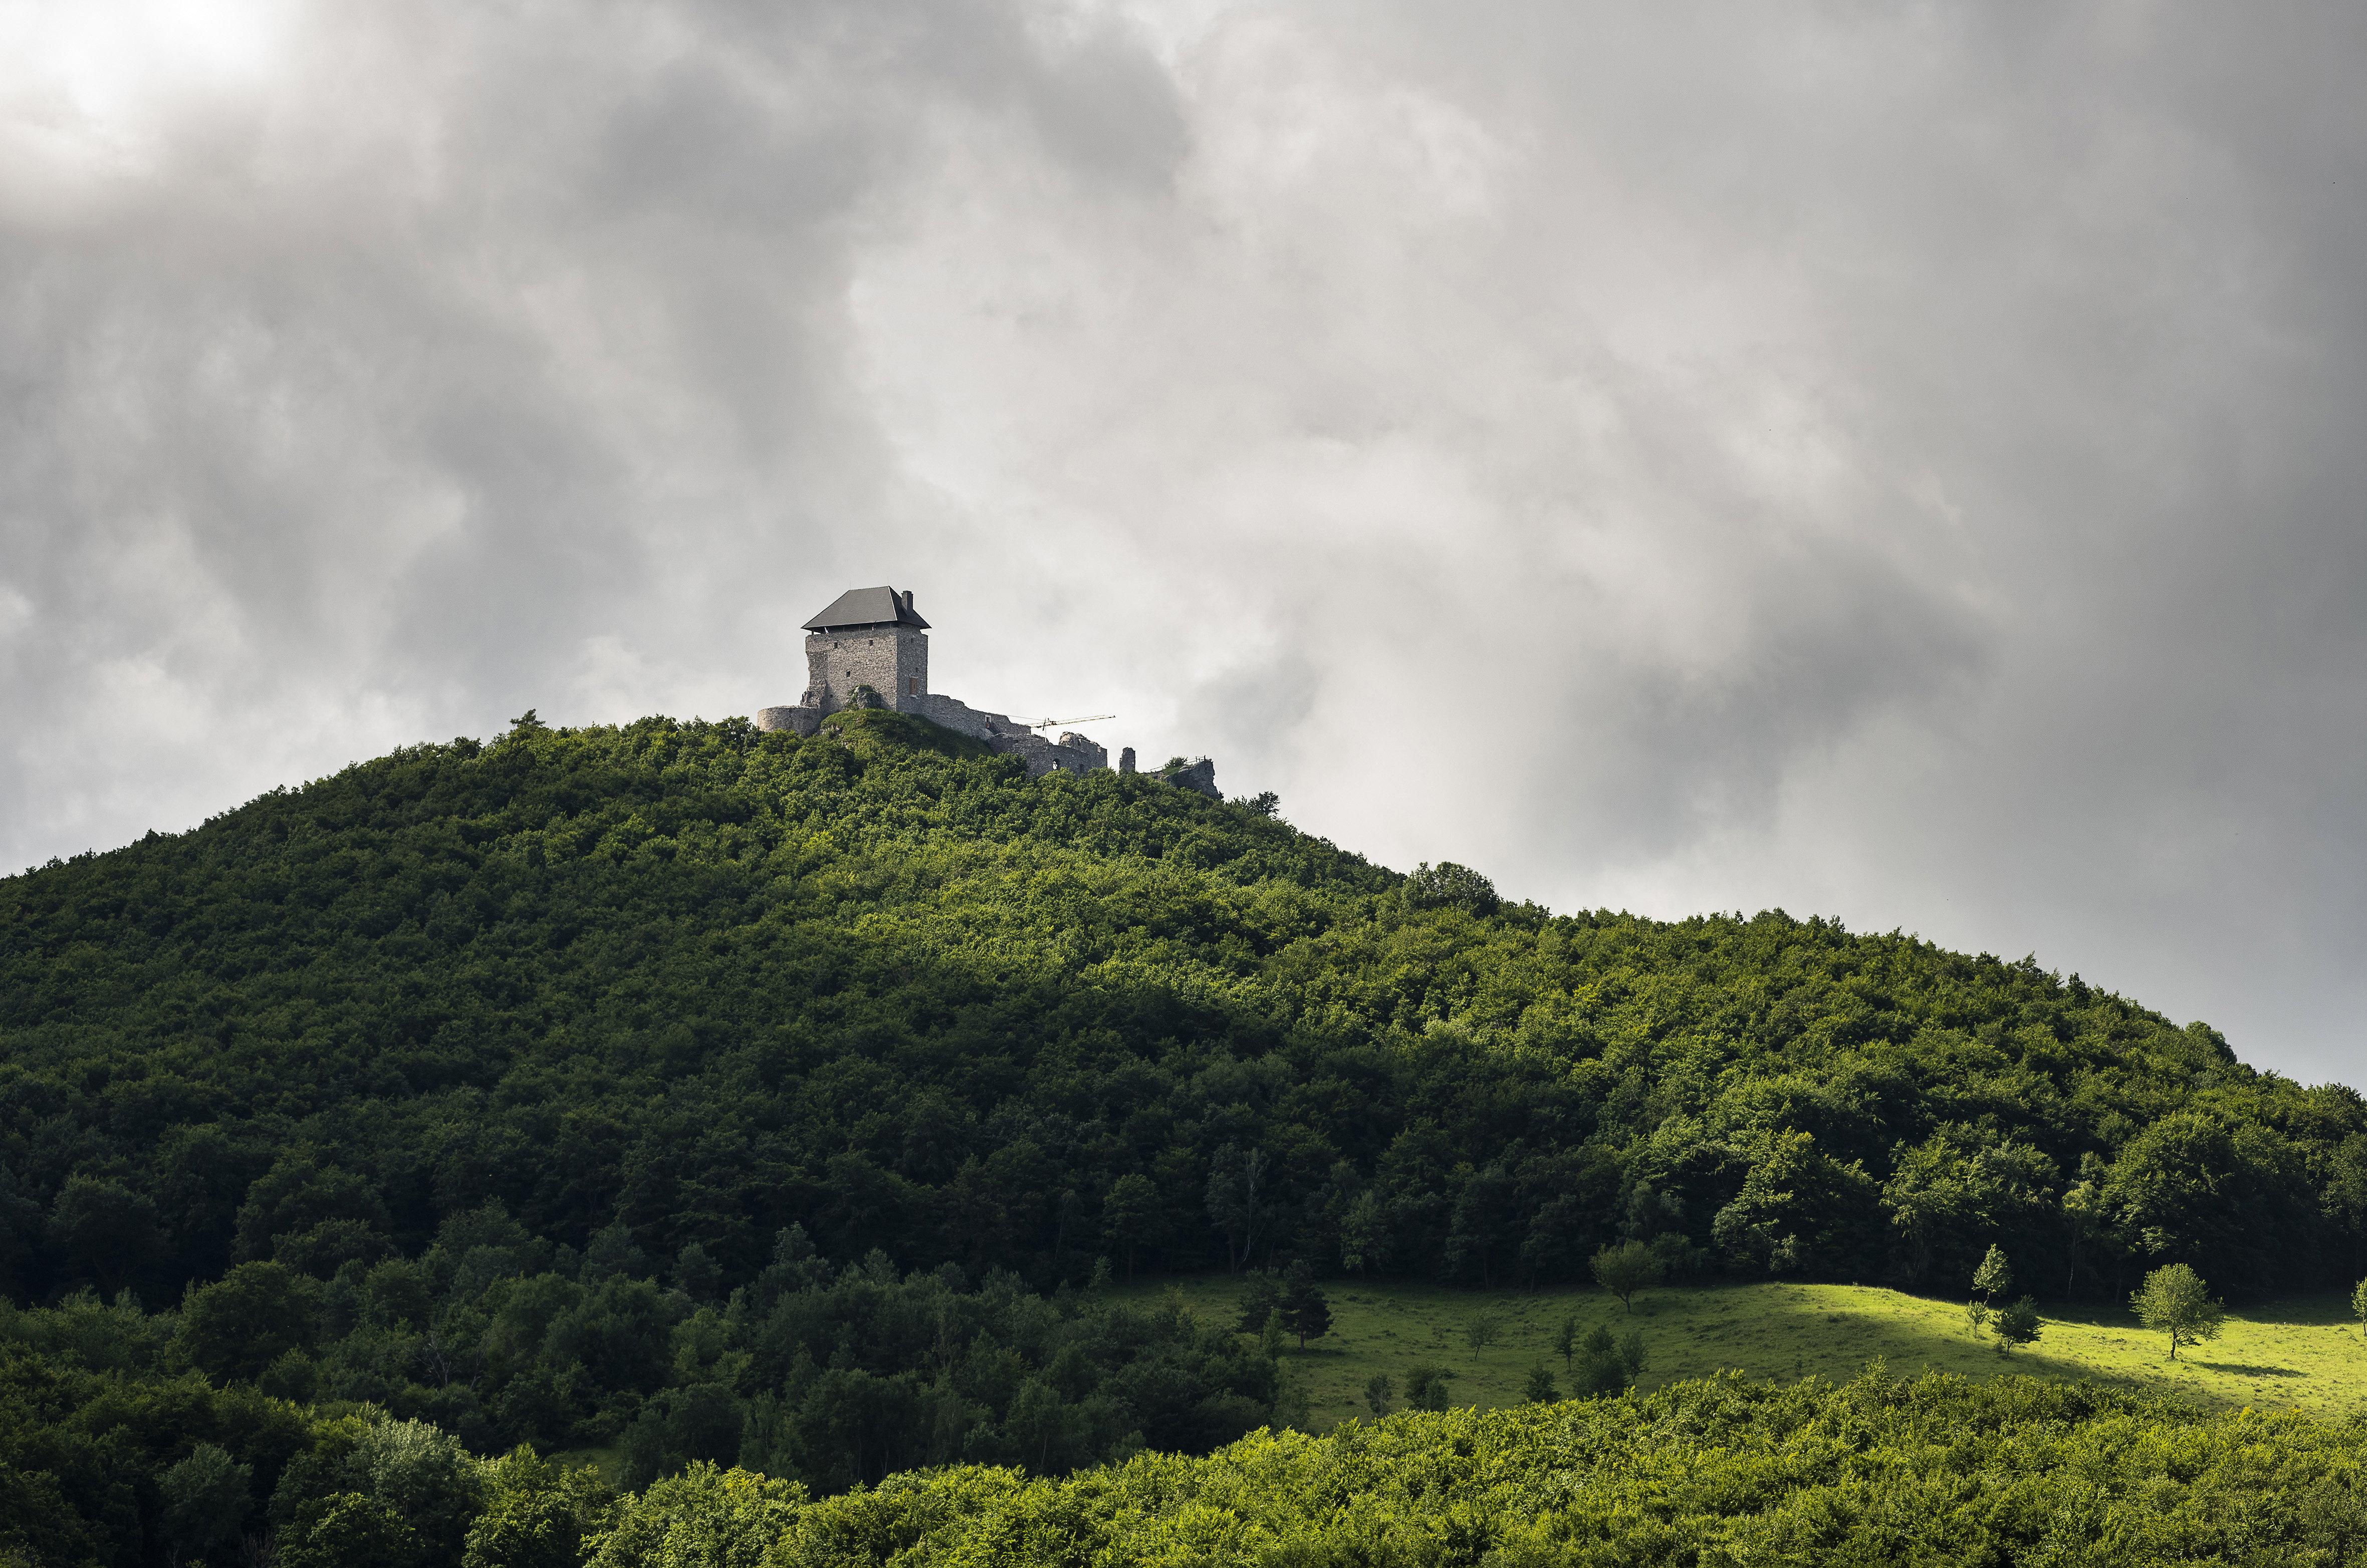 Régészeti kutatásba kezdett a regéci várban a Nemzeti Múzeum